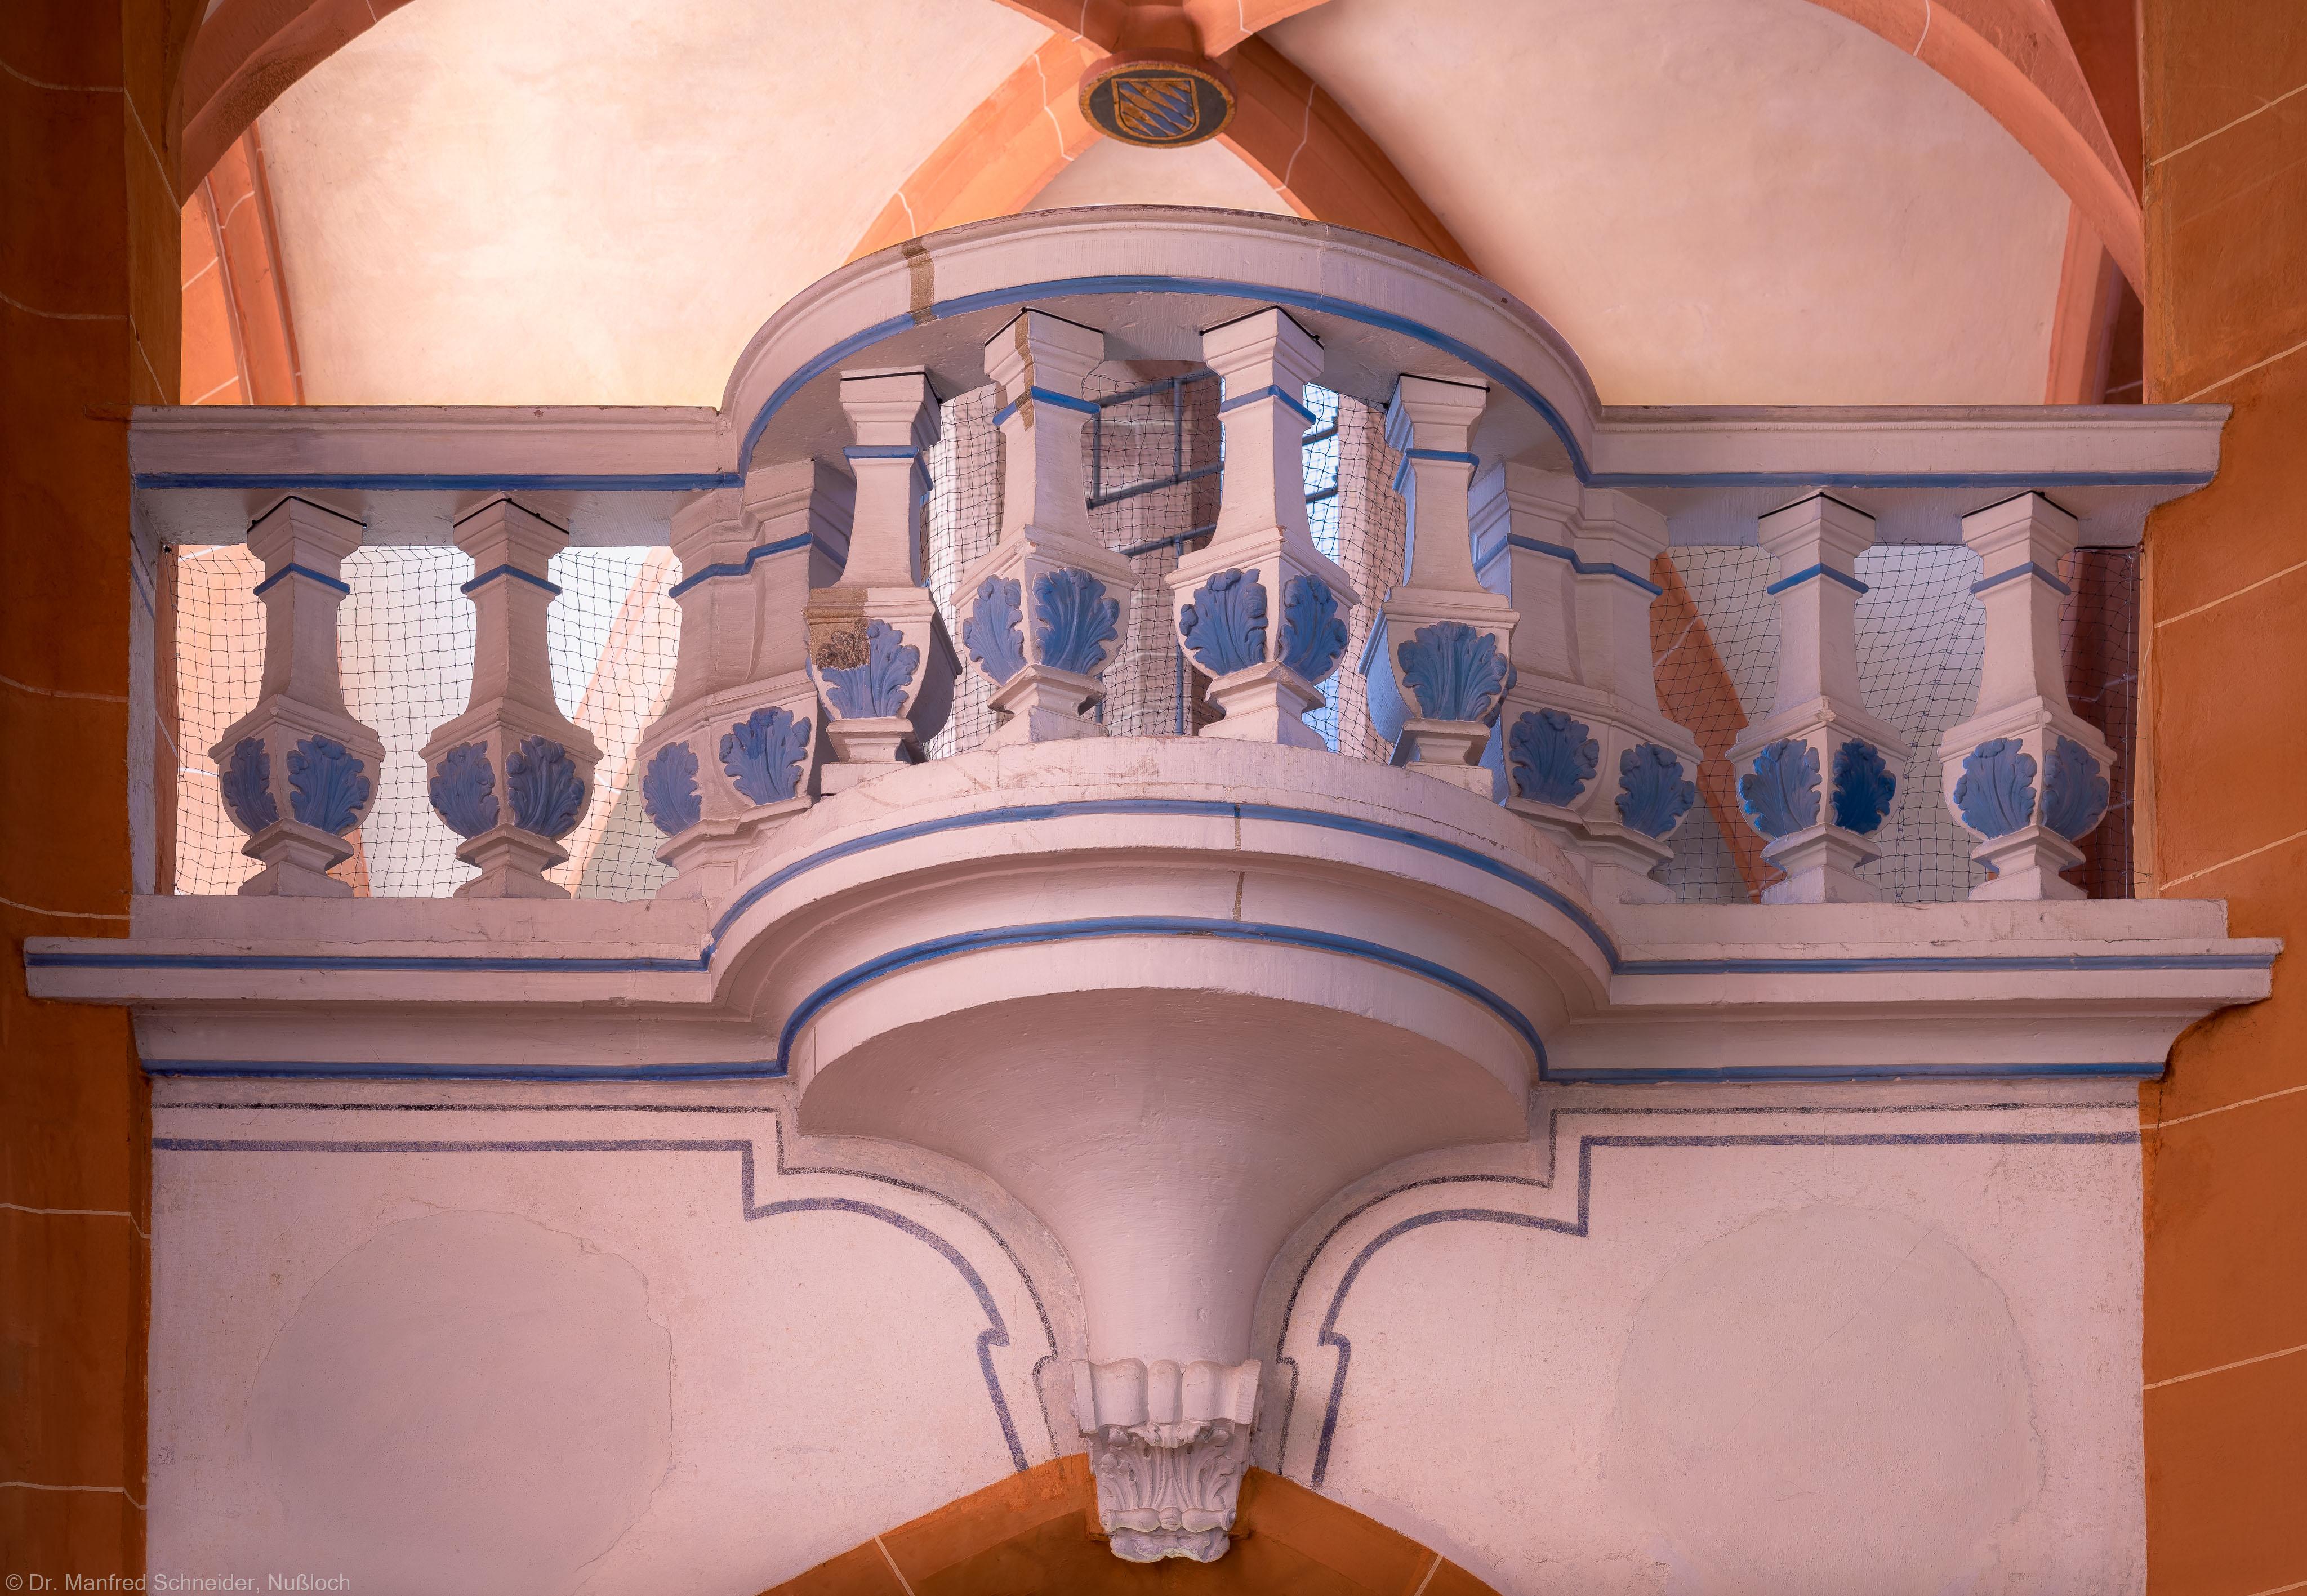 Heidelberg - Heiliggeistkirche - Westbau - Mittlere Zwischen-/Orgelempore - Südseite - Blick vom Südschiff auf den barocken Balkon (aufgenommen im Juli 2015, am Nachmittag)